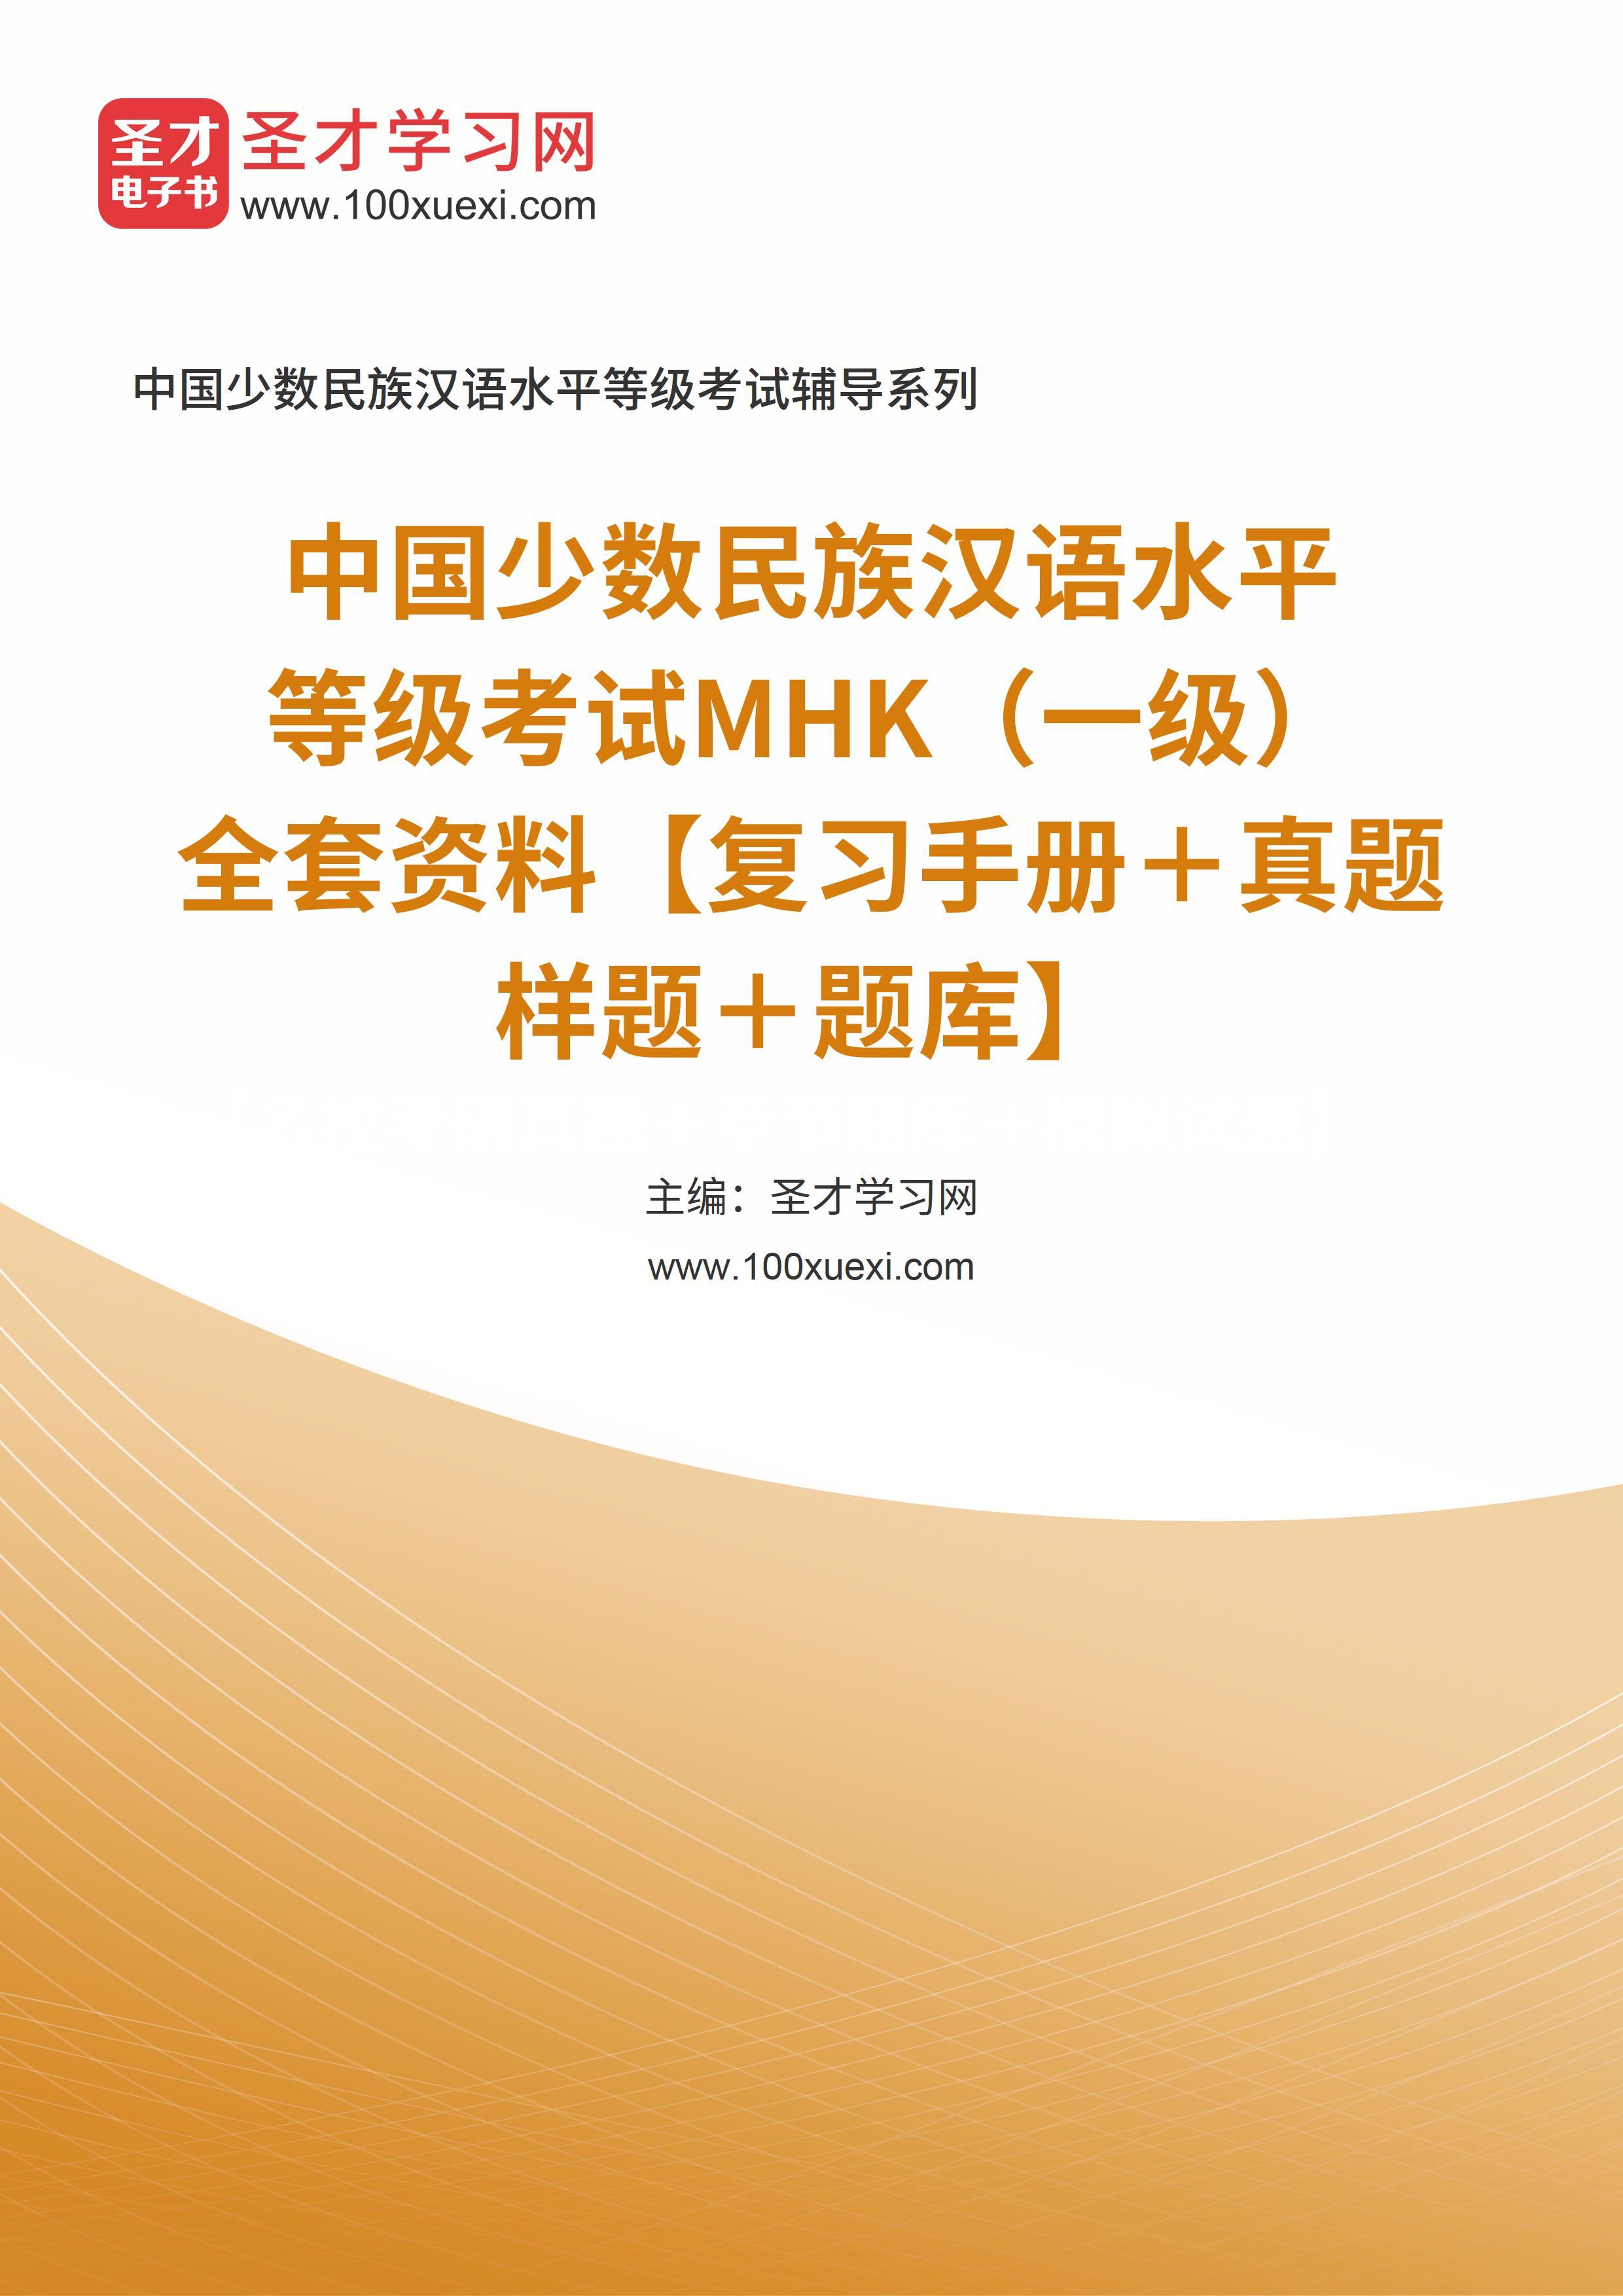 2021年中国少数民族汉语水平等级考试MHK(一级)全套资料【复习手册+真题样题+题库】